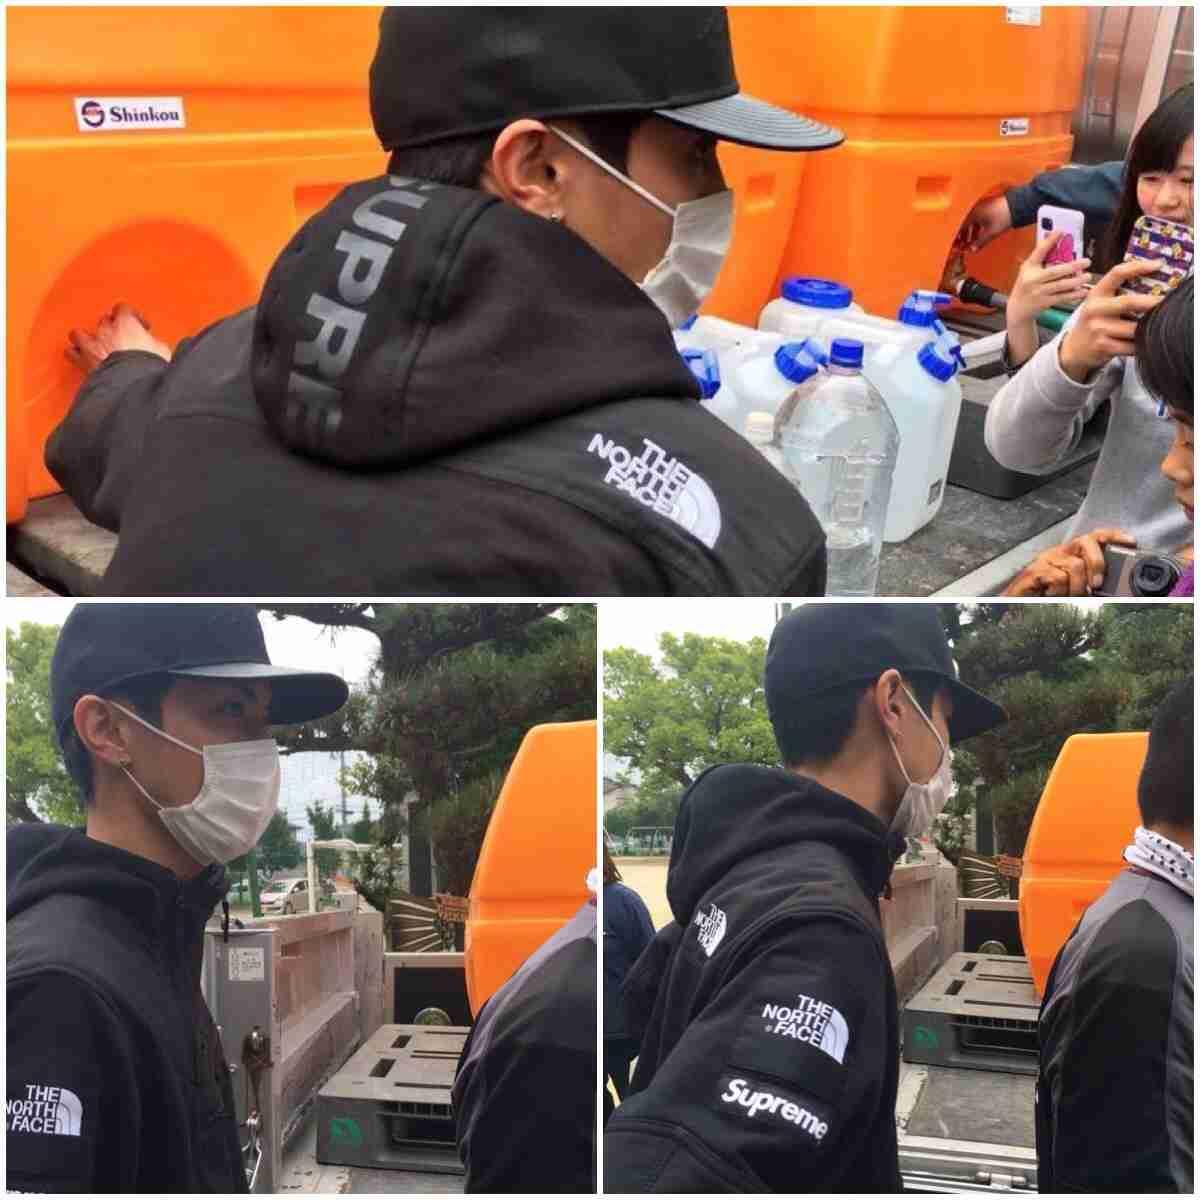 高良健吾がお忍びで熊本の避難所で給水活動 ネット上で拡散